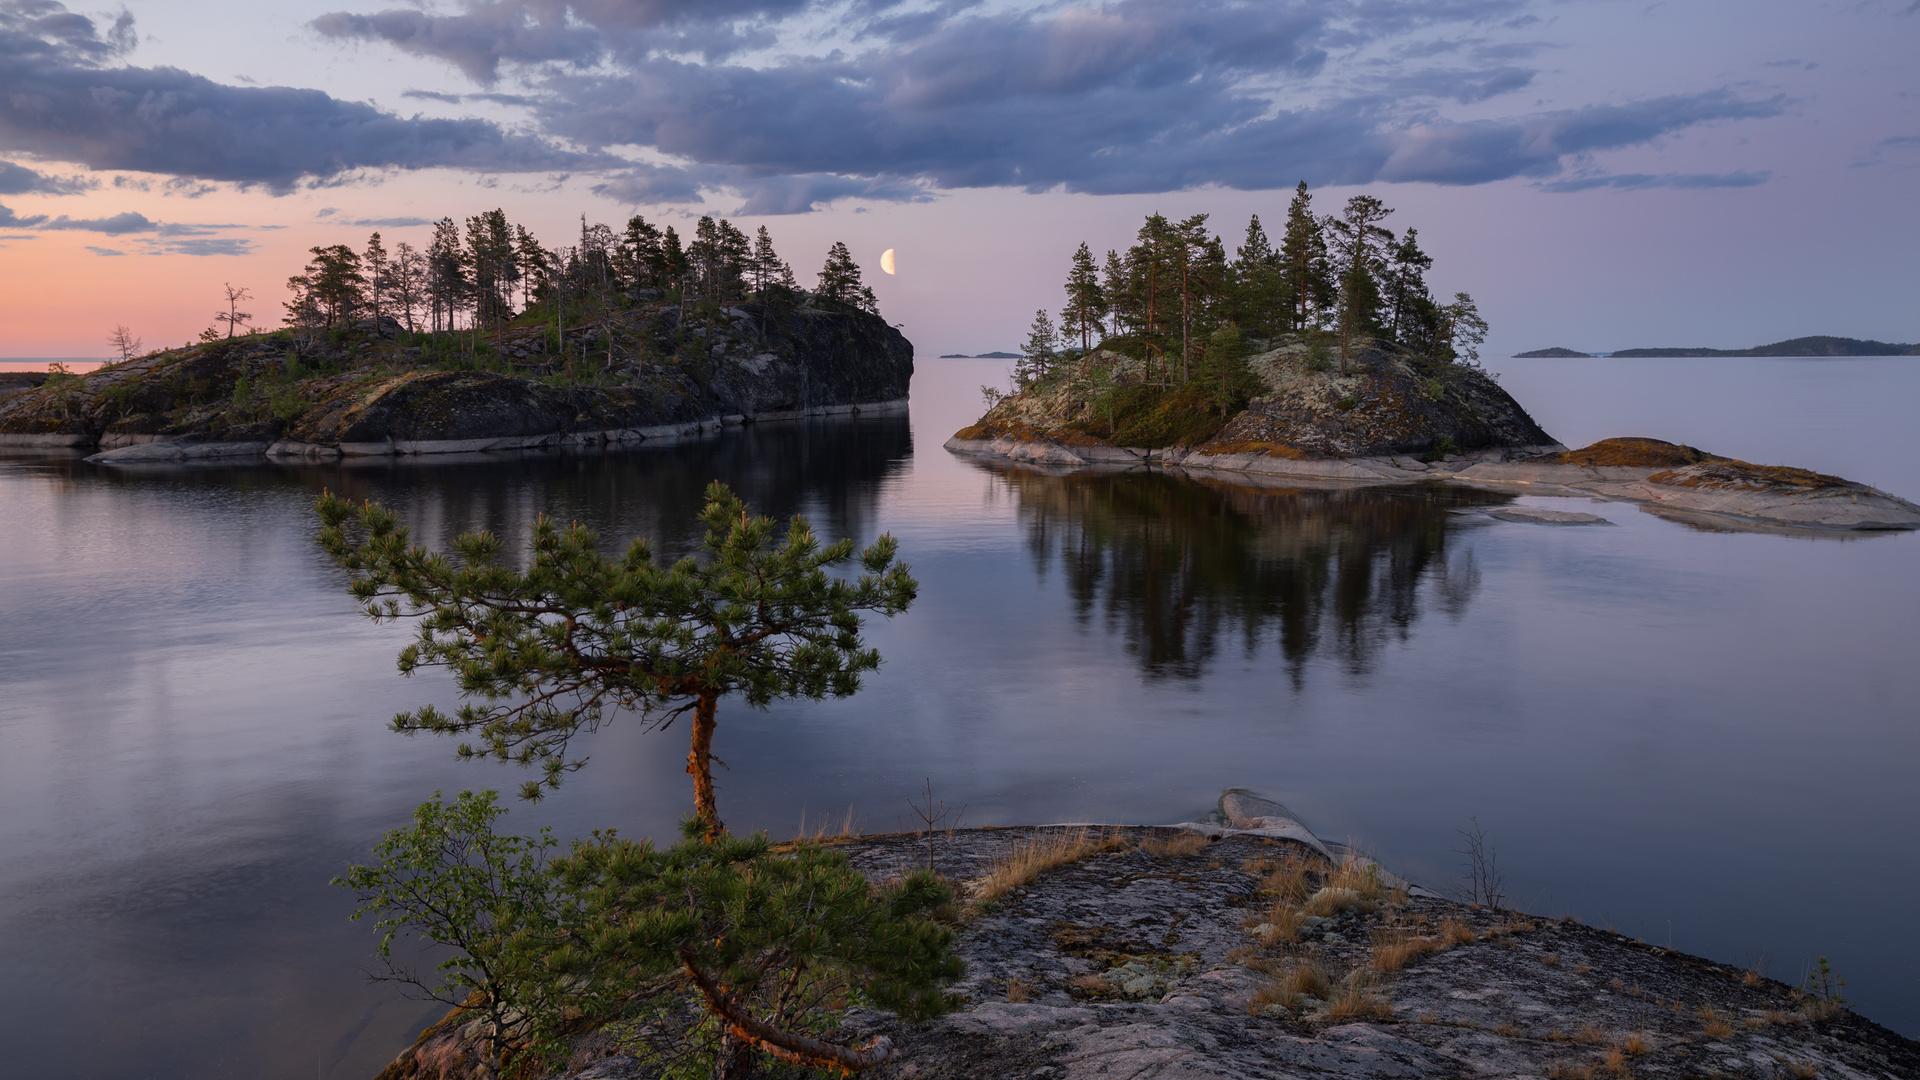 лето, деревья, пейзаж, природа, камни, луна, ладожское озеро, ладога, белая ночь, шхеры